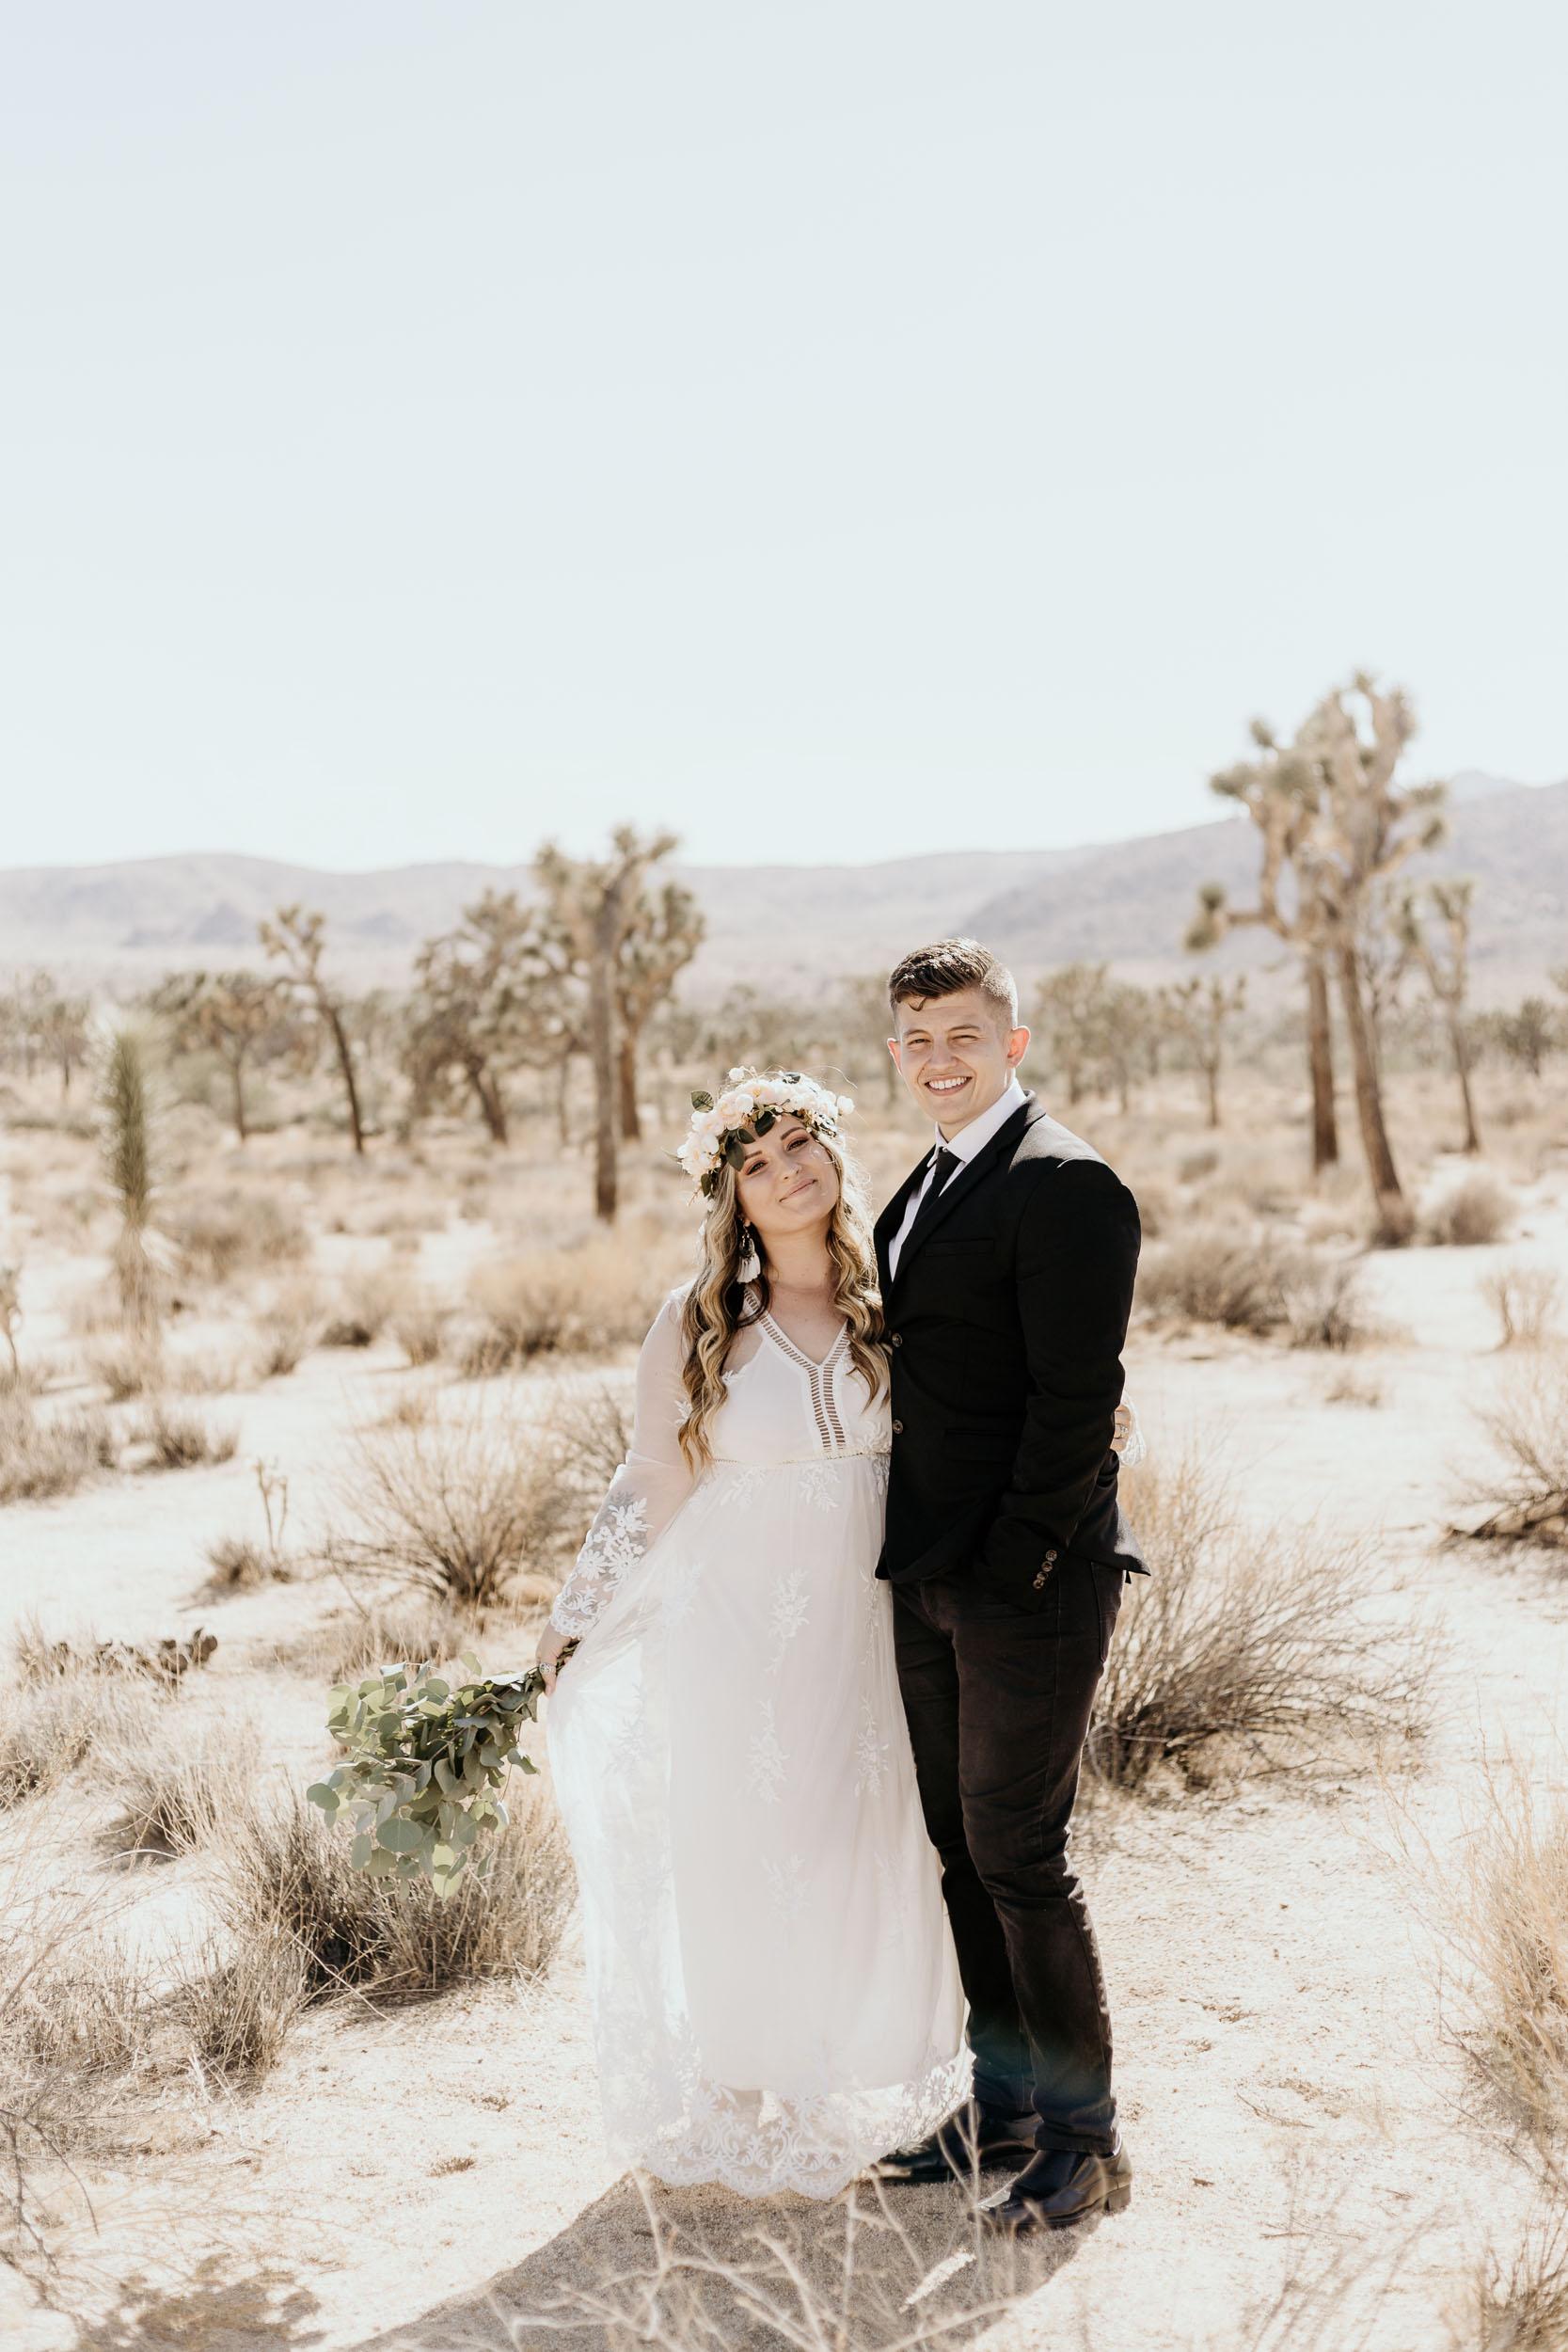 intimate-wedding-elopement-photographer-ottawa-joshua-tree-0170.jpg